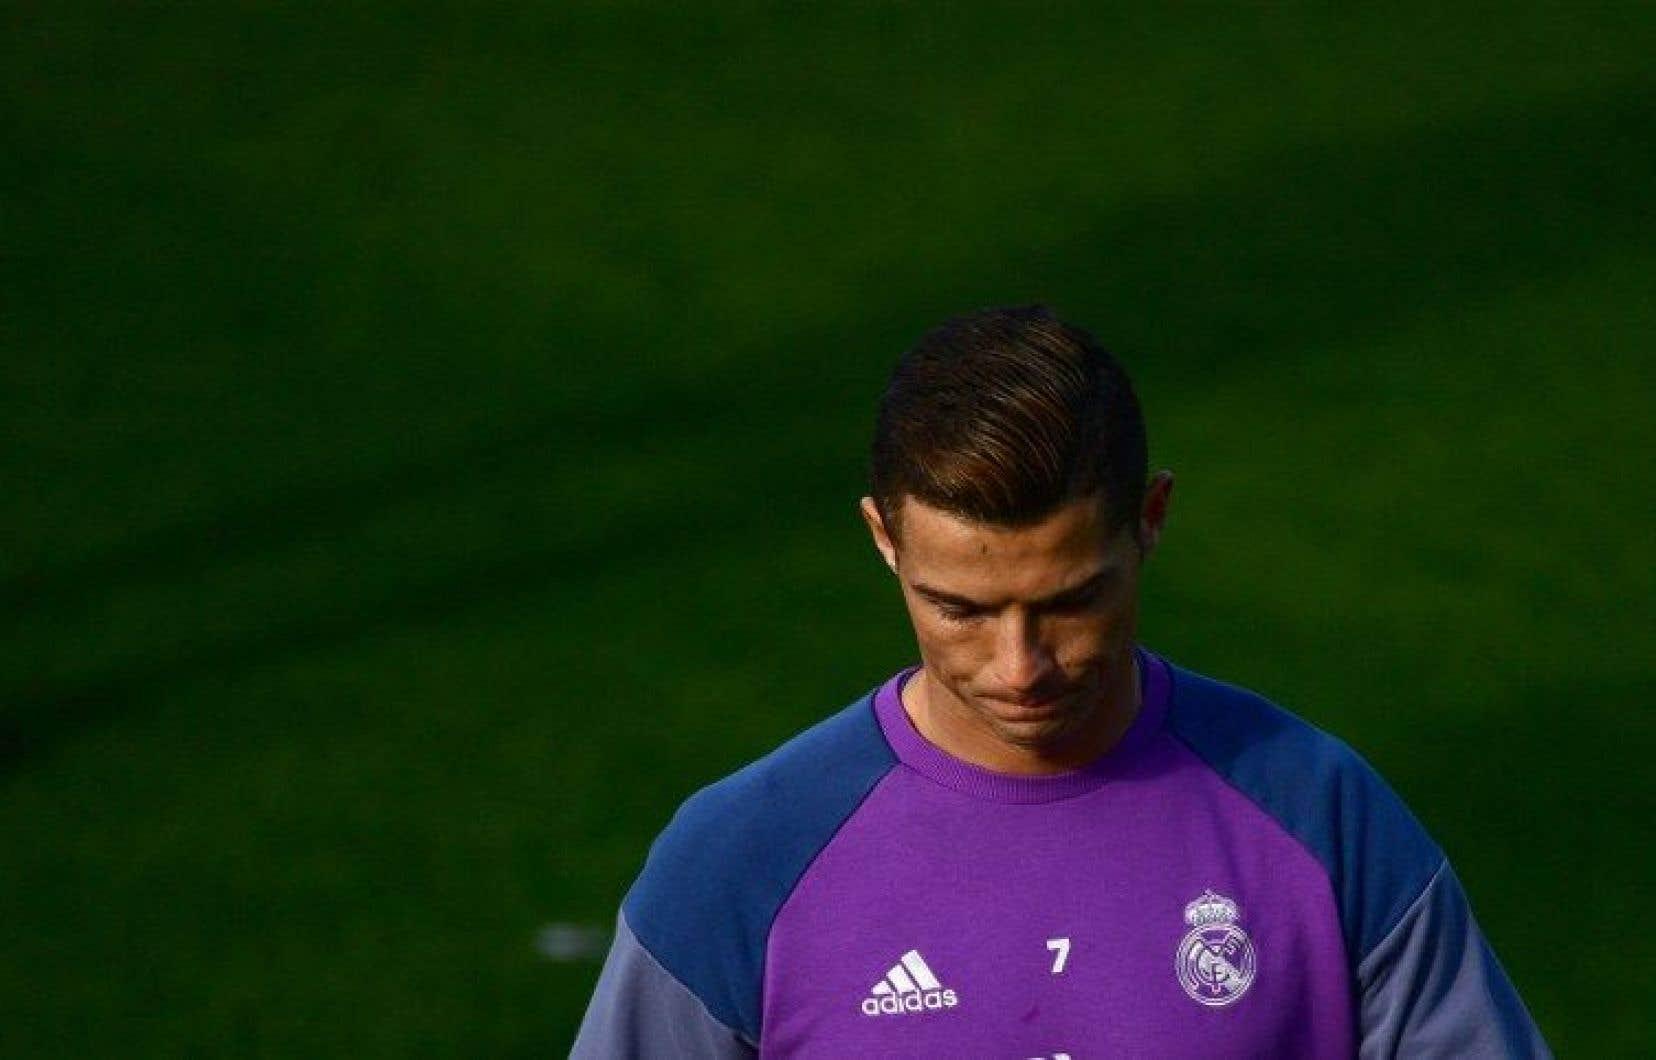 Ronaldo est accusé d'avoir «dissimulé 150millions d'euros dans les paradis fiscaux, grâce à des montages offshore passant par la Suisse et les Îles vierges britanniques».